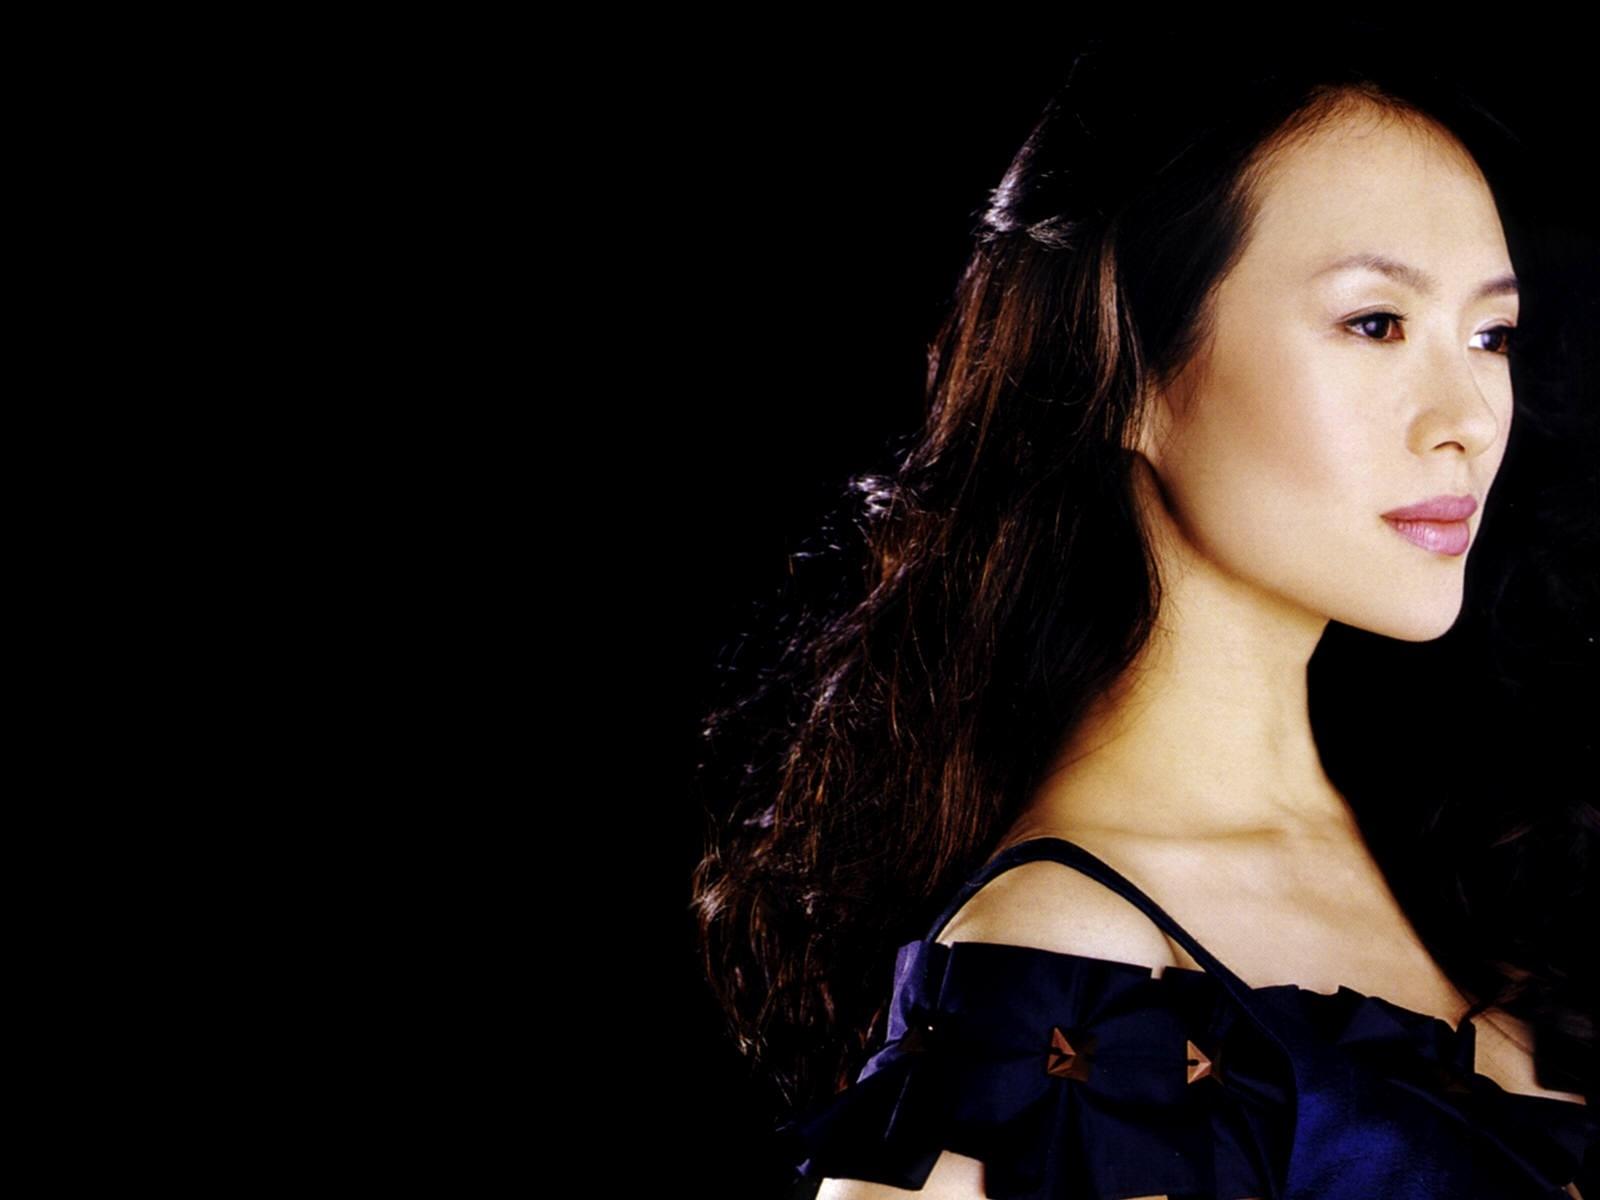 Wallpaper di Zhang Ziyi, splendida e sexy